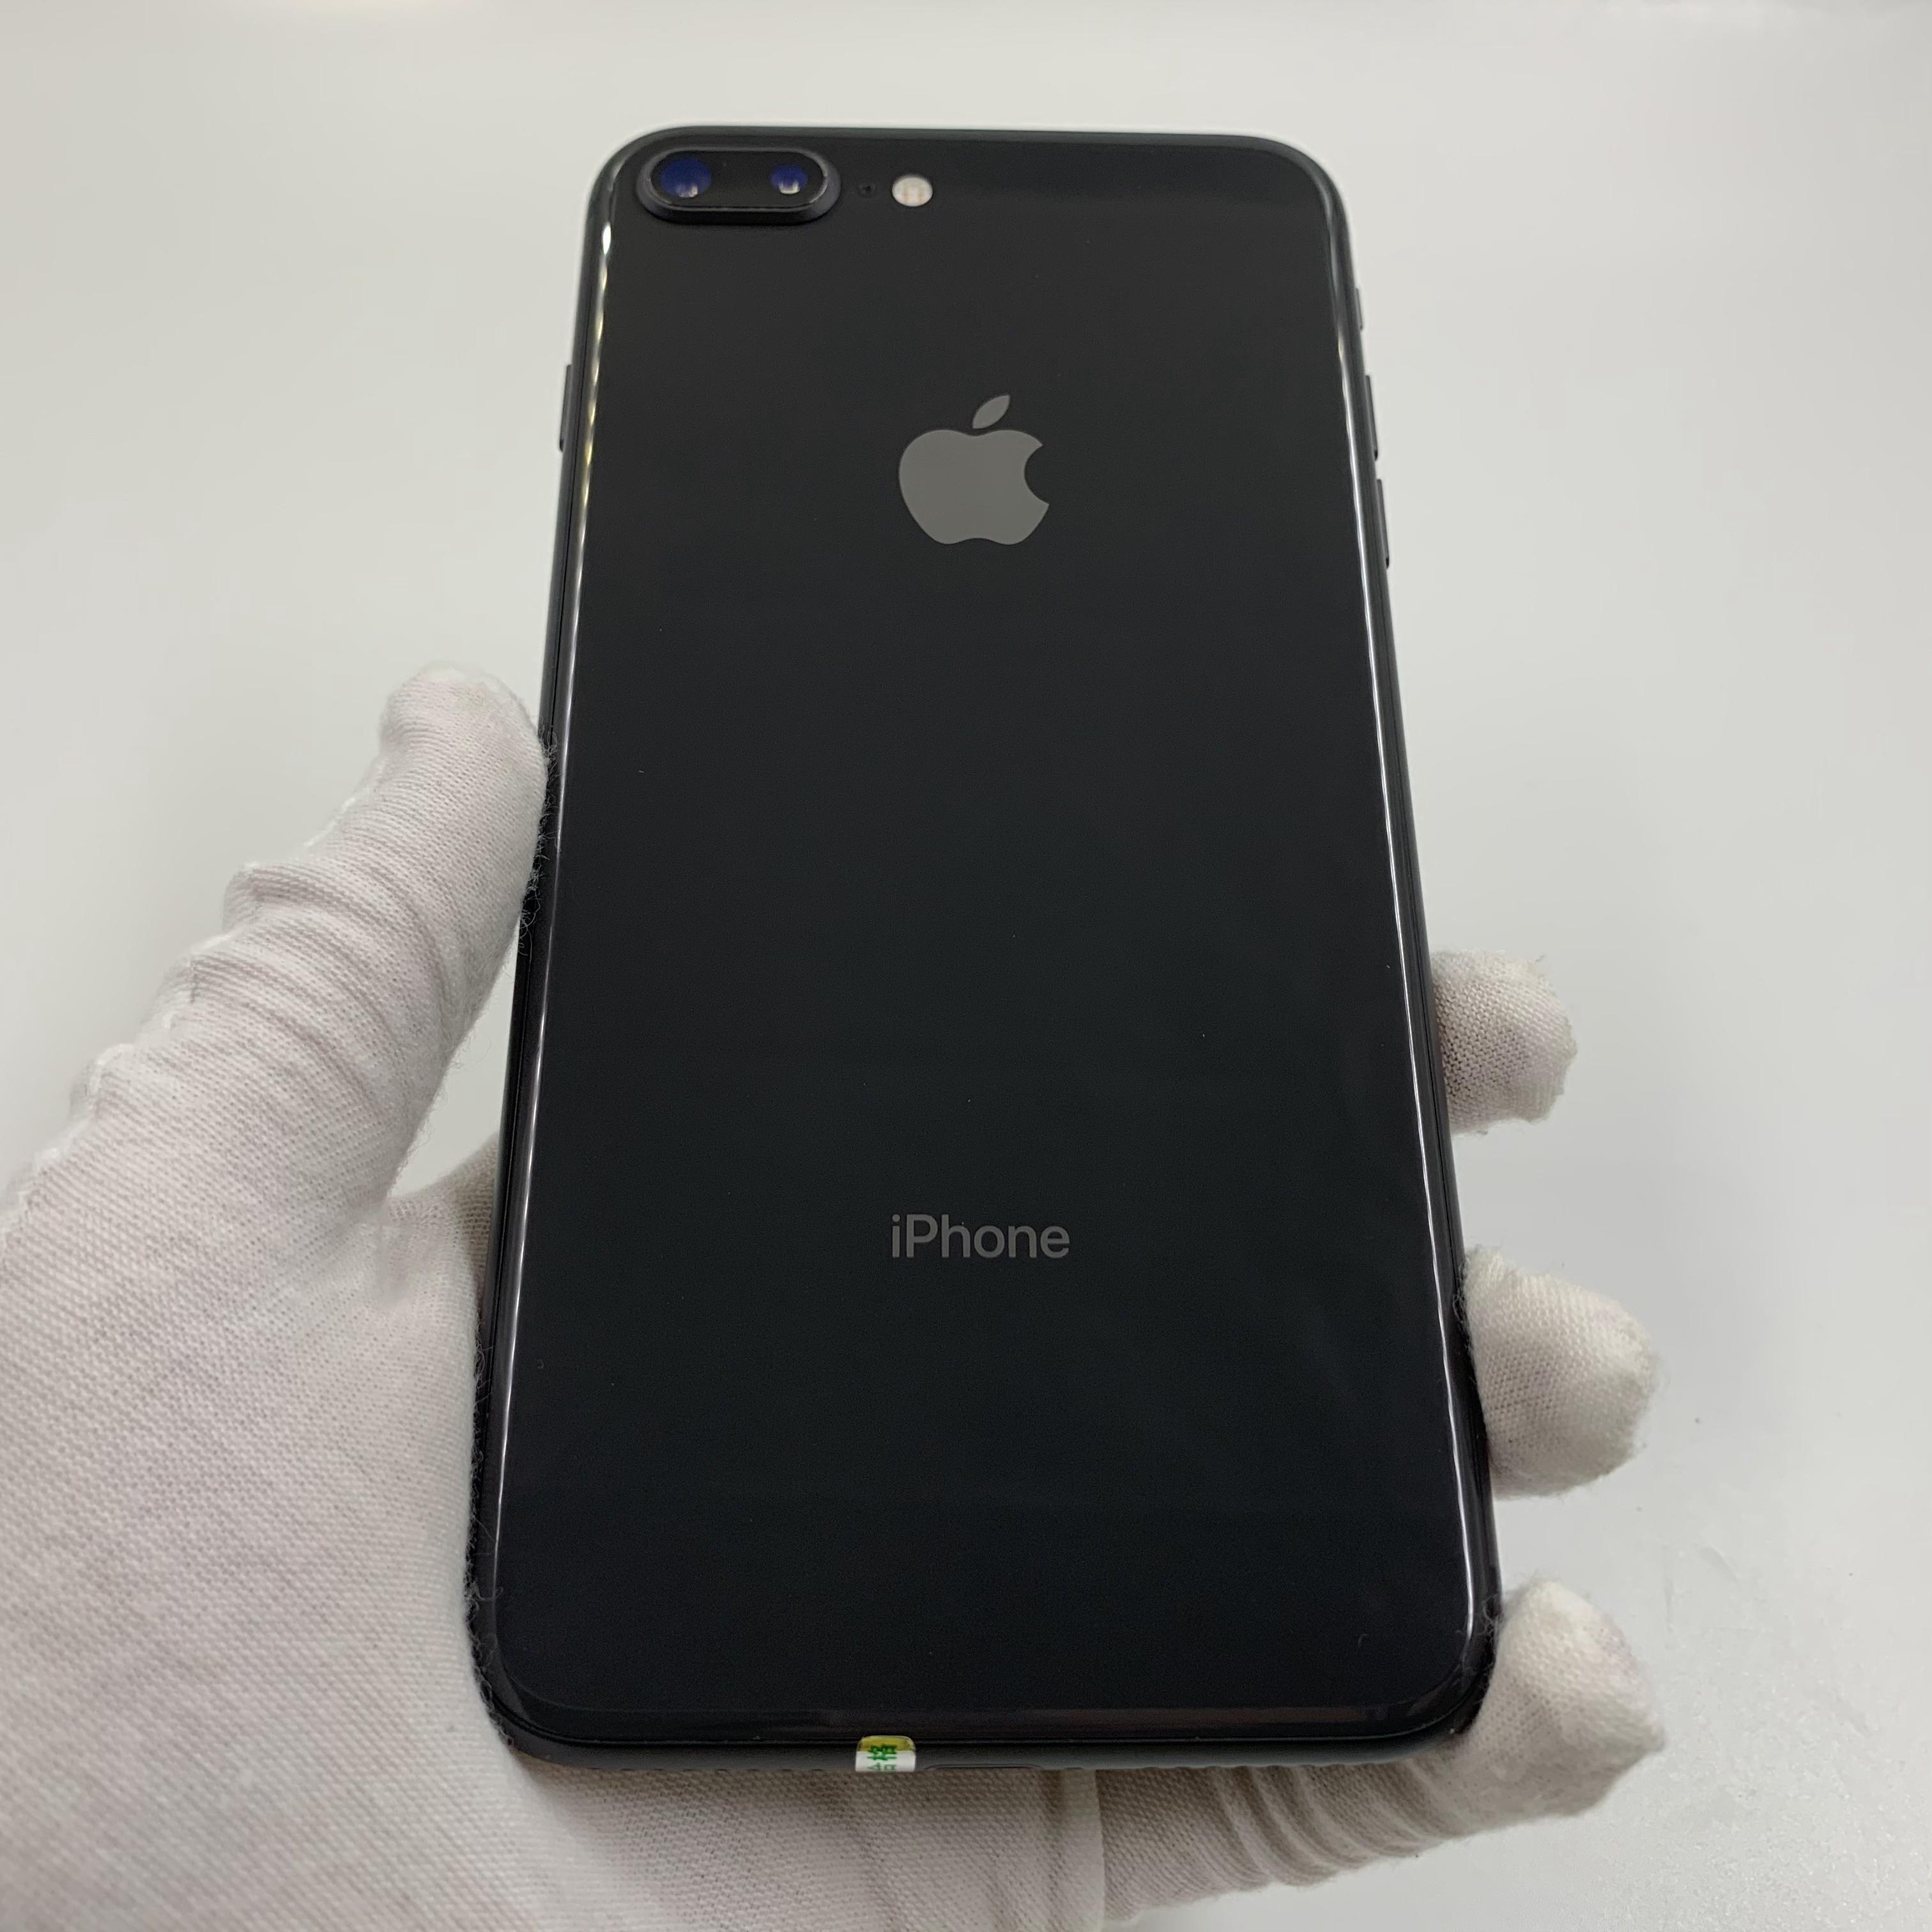 苹果【iPhone 8 Plus】4G全网通 深空灰 64G 国行 95新 真机实拍